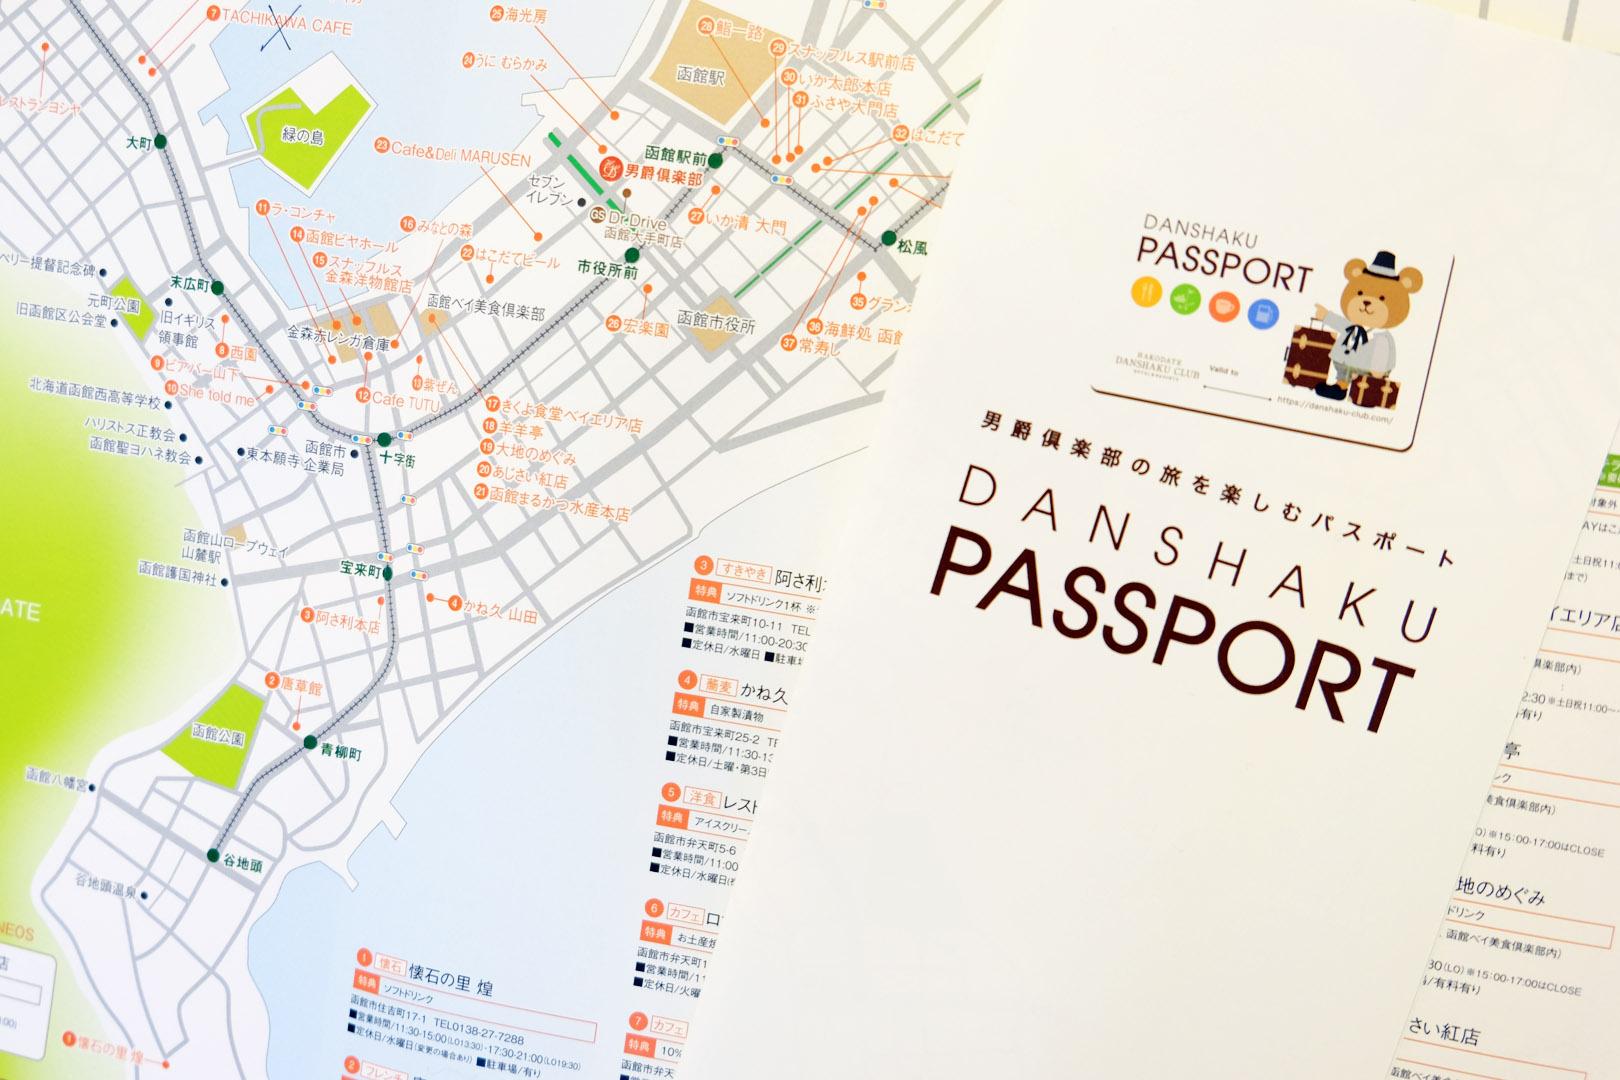 特典が受けられる「DANSHAKU PASSPORT」